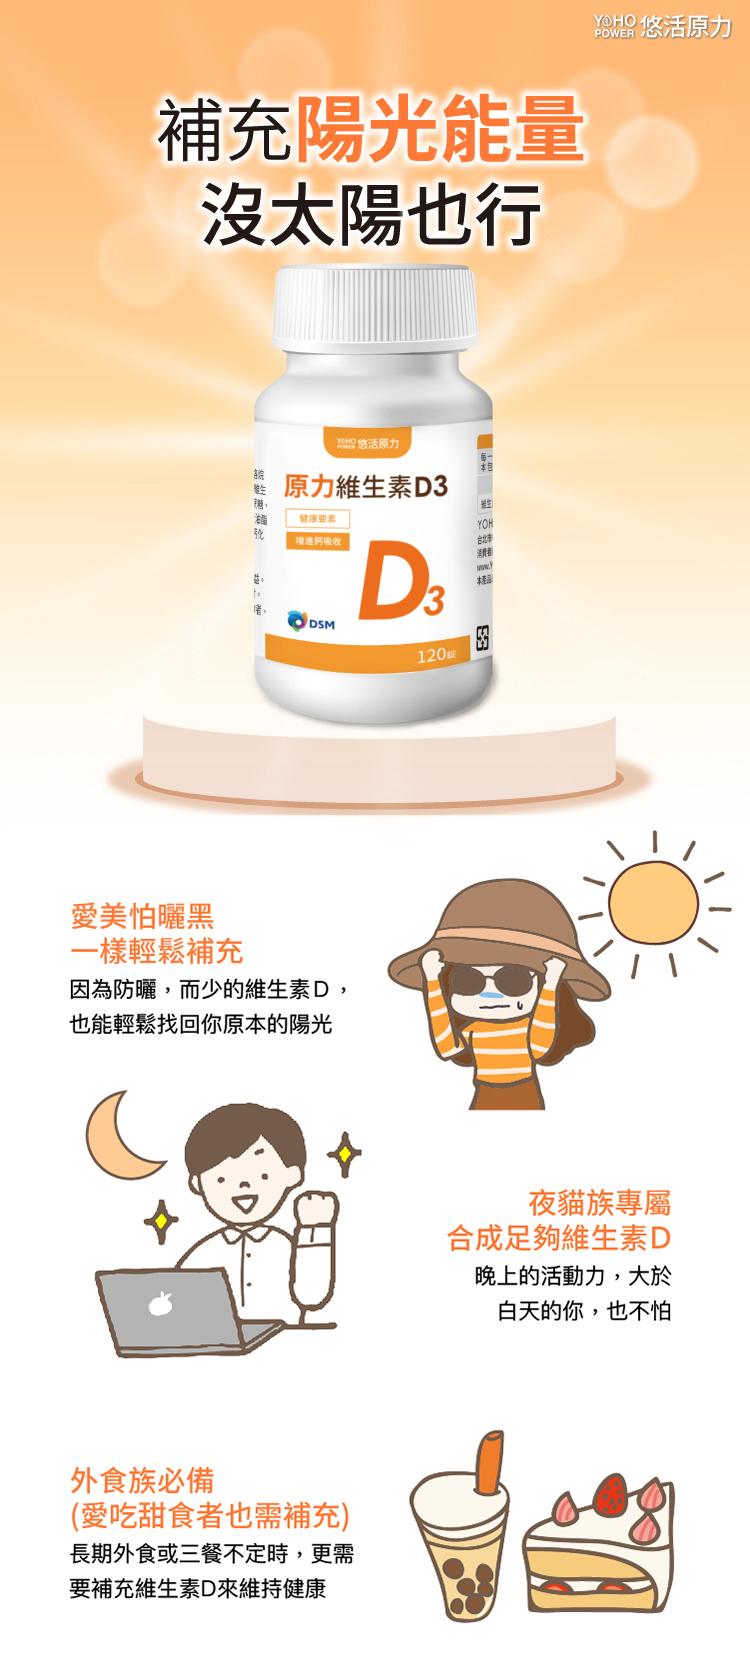 原力維生素D3-06